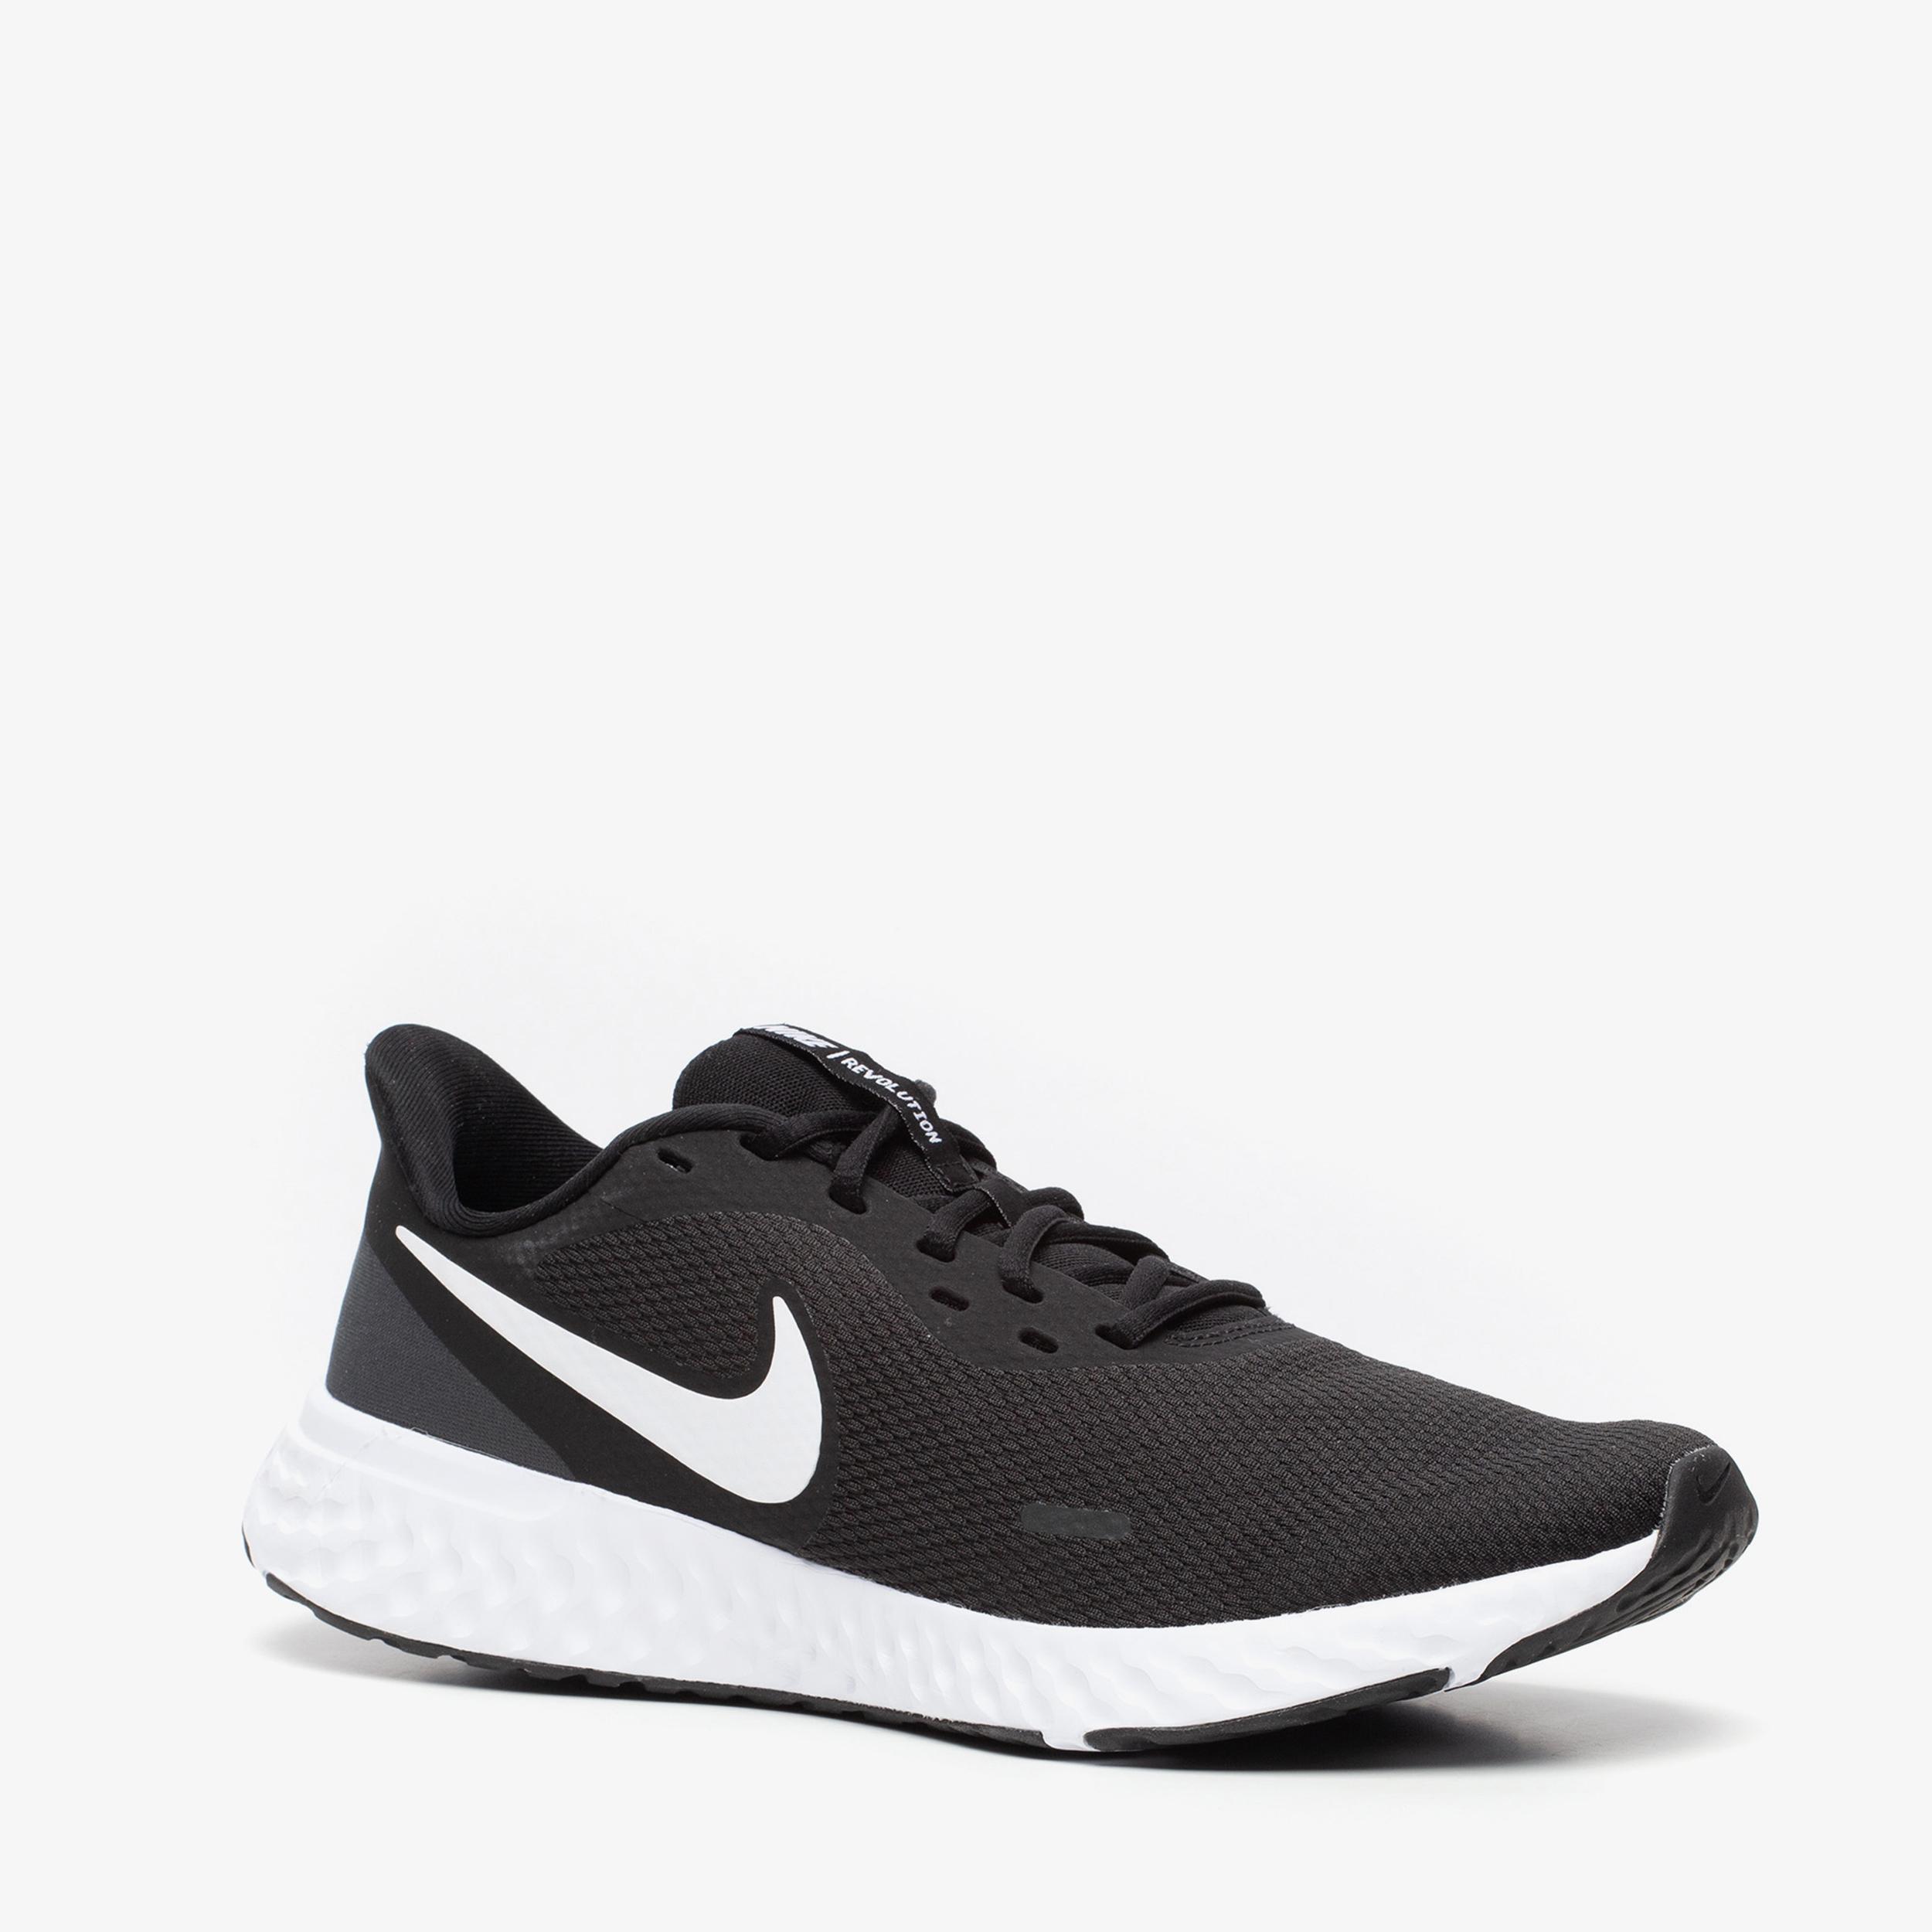 Nike Revolution 5 heren hardloopschoenen | Scapino.nl